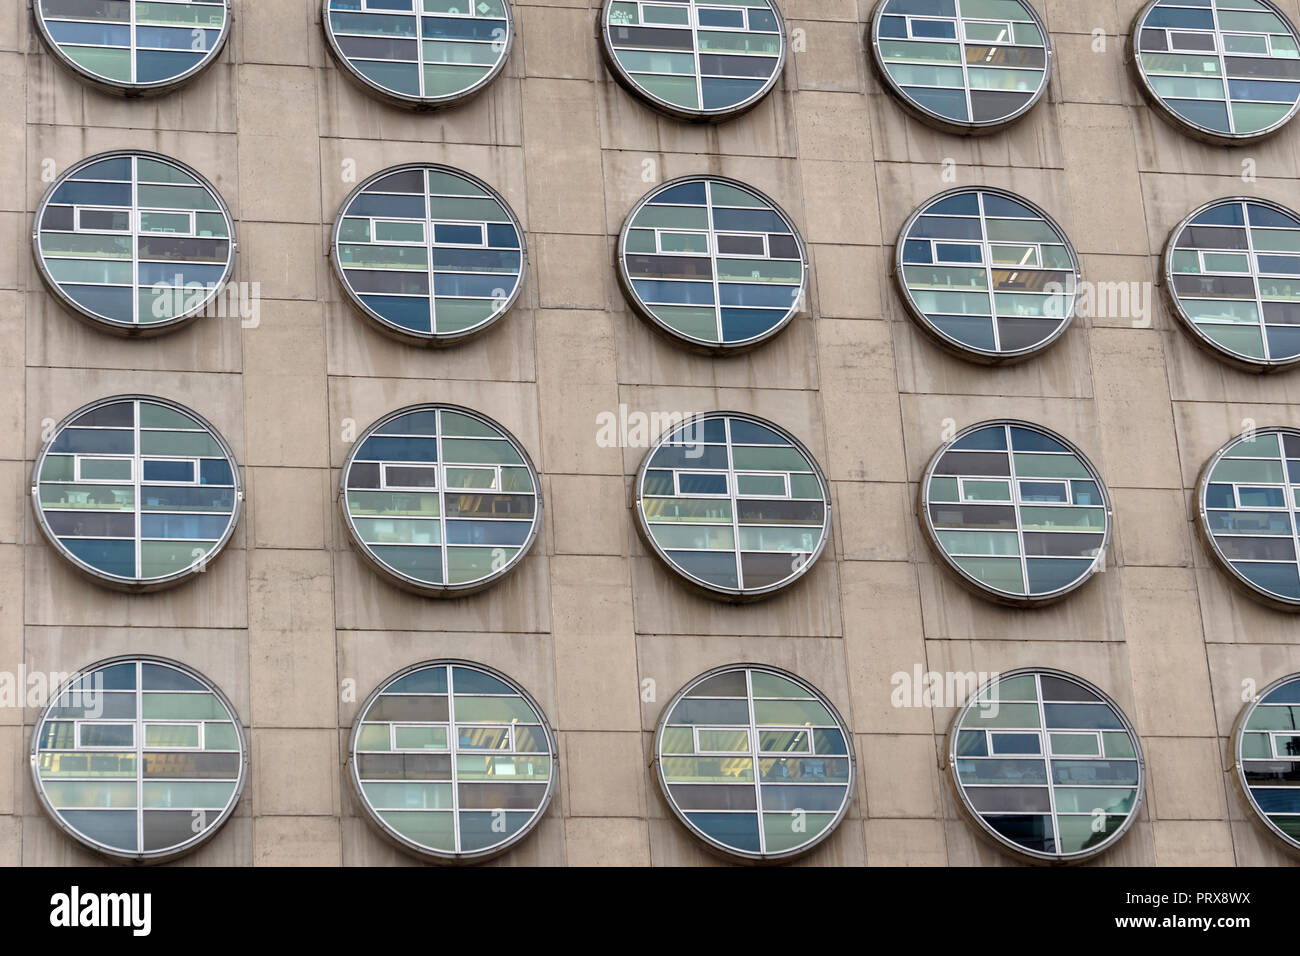 Vedove circolare della BC Cancer Research Center building in Vancouver, BC, Canada Foto Stock